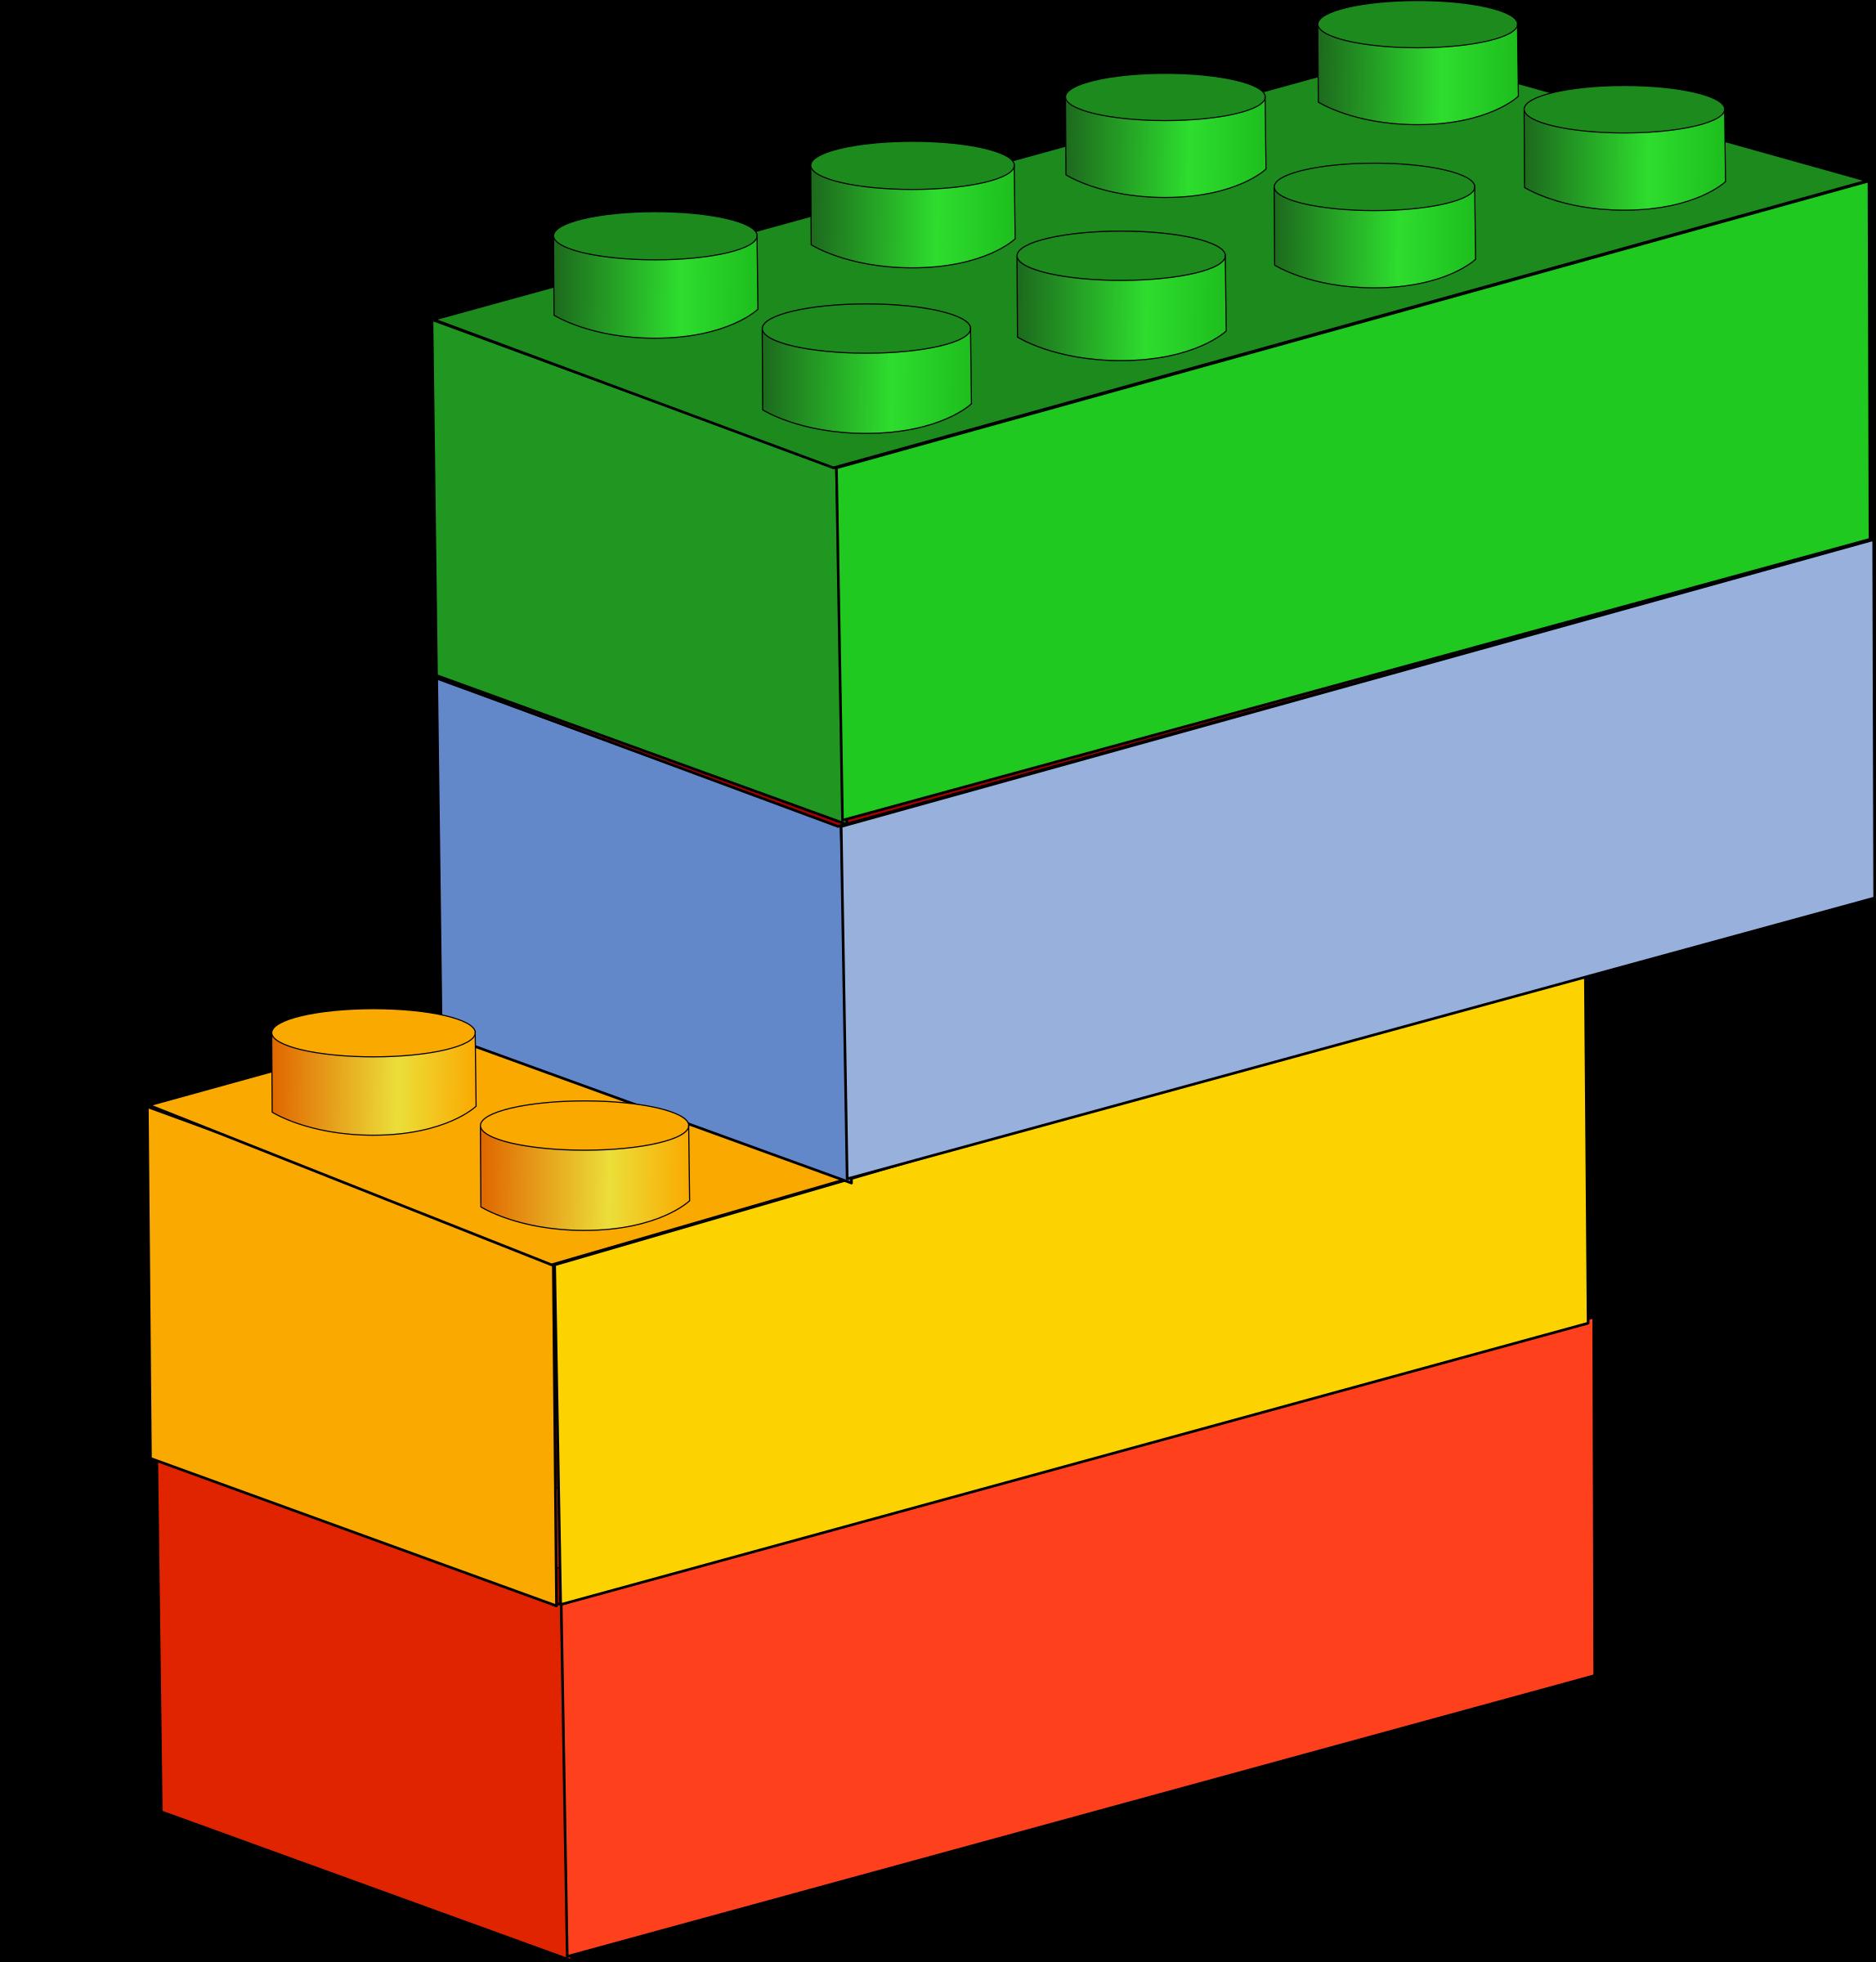 Legos clipart #1